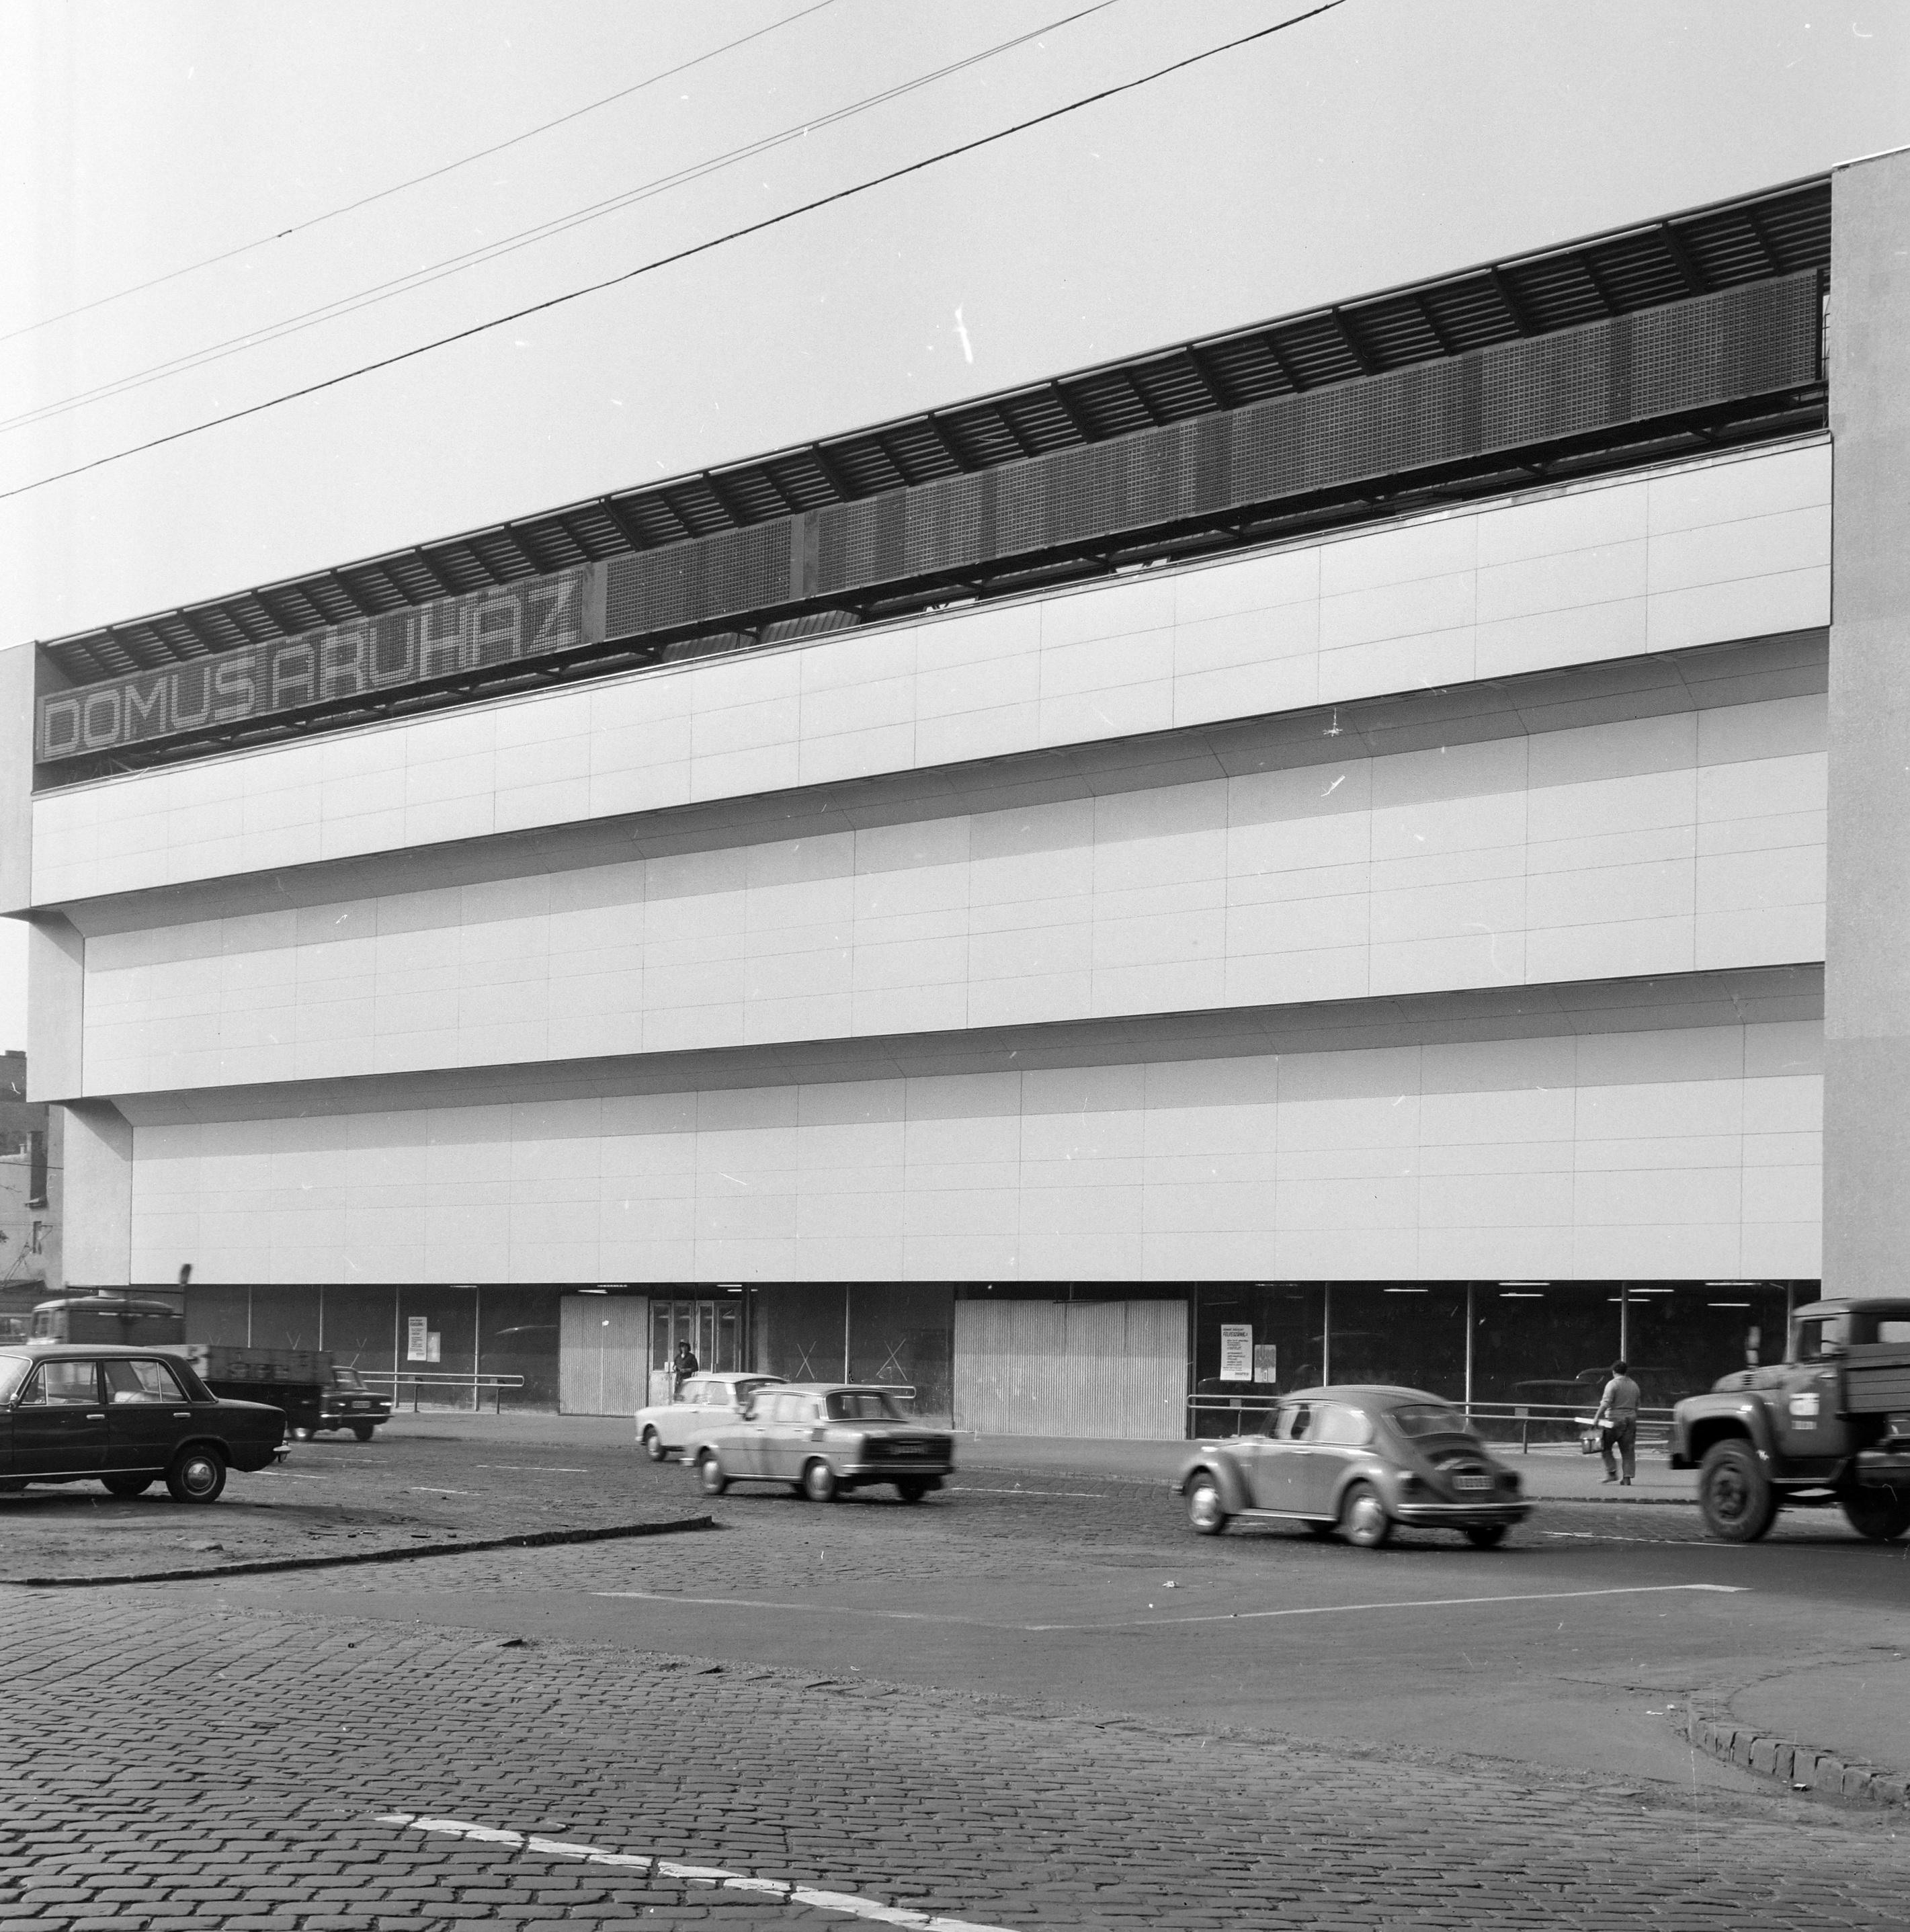 domusaruhaz-1974korul-fortepan_hu-206601-fofoto.jpg